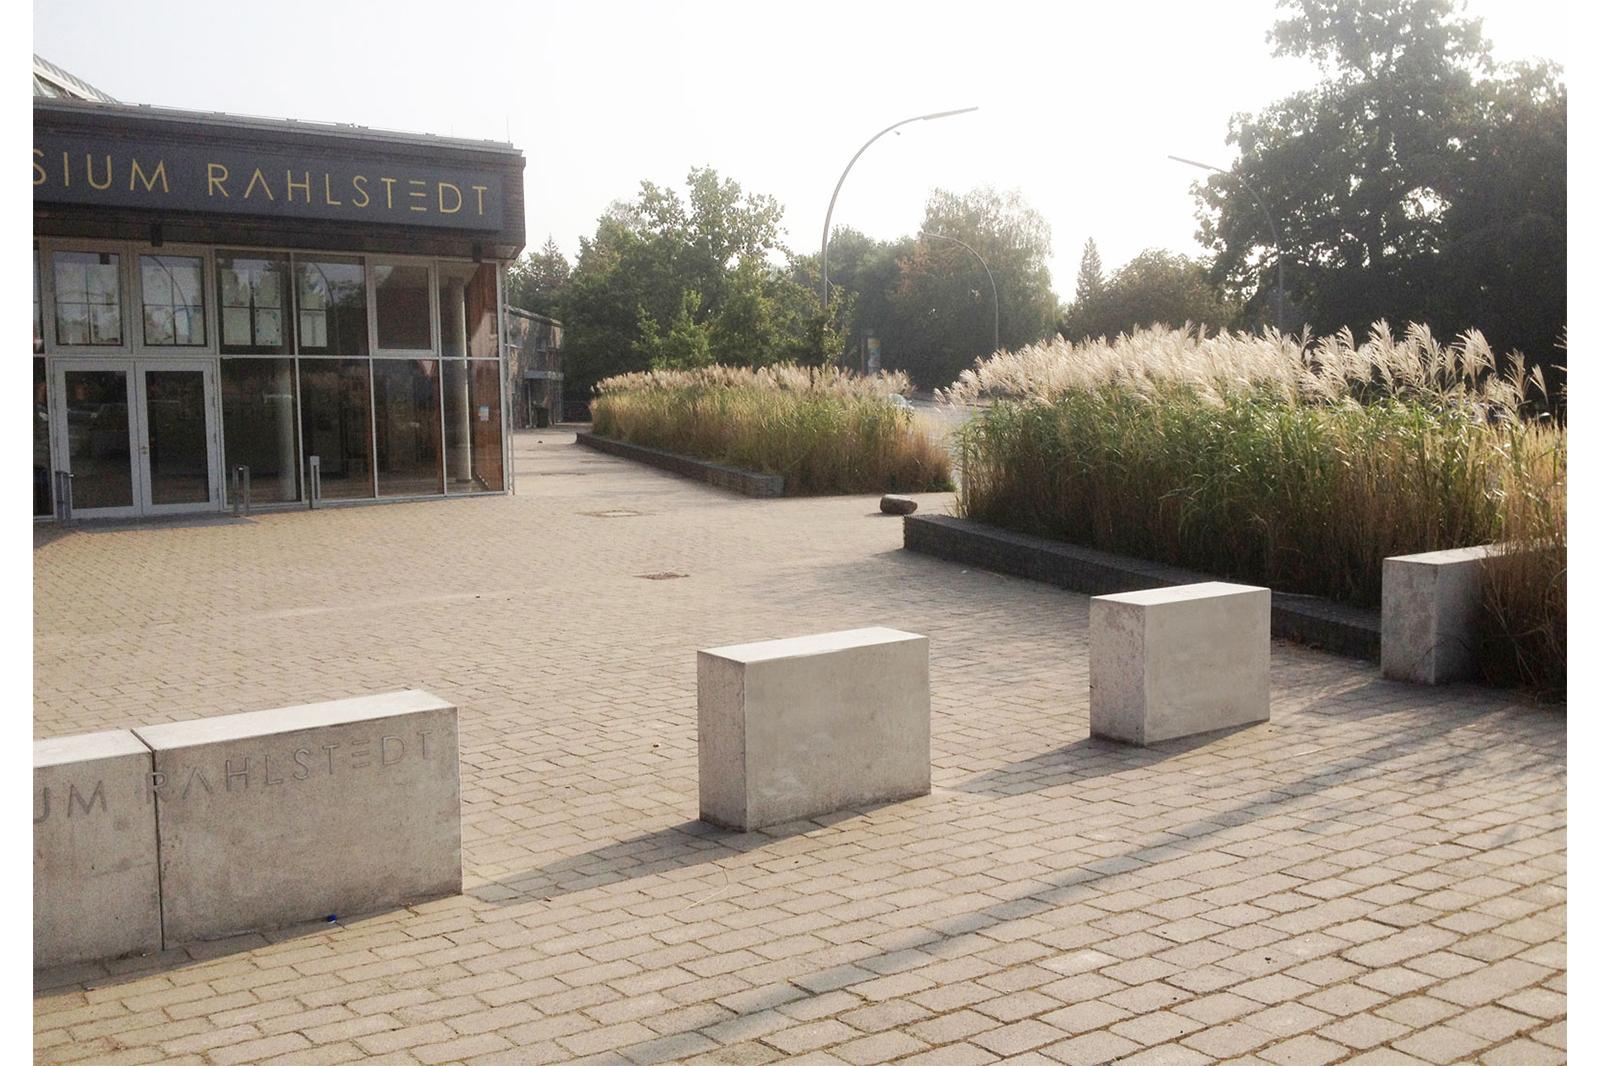 gymnasium-rahlstedt-eingang-entwurfsplan-armbruster-aussenanlagen-landschaftsarchitektur